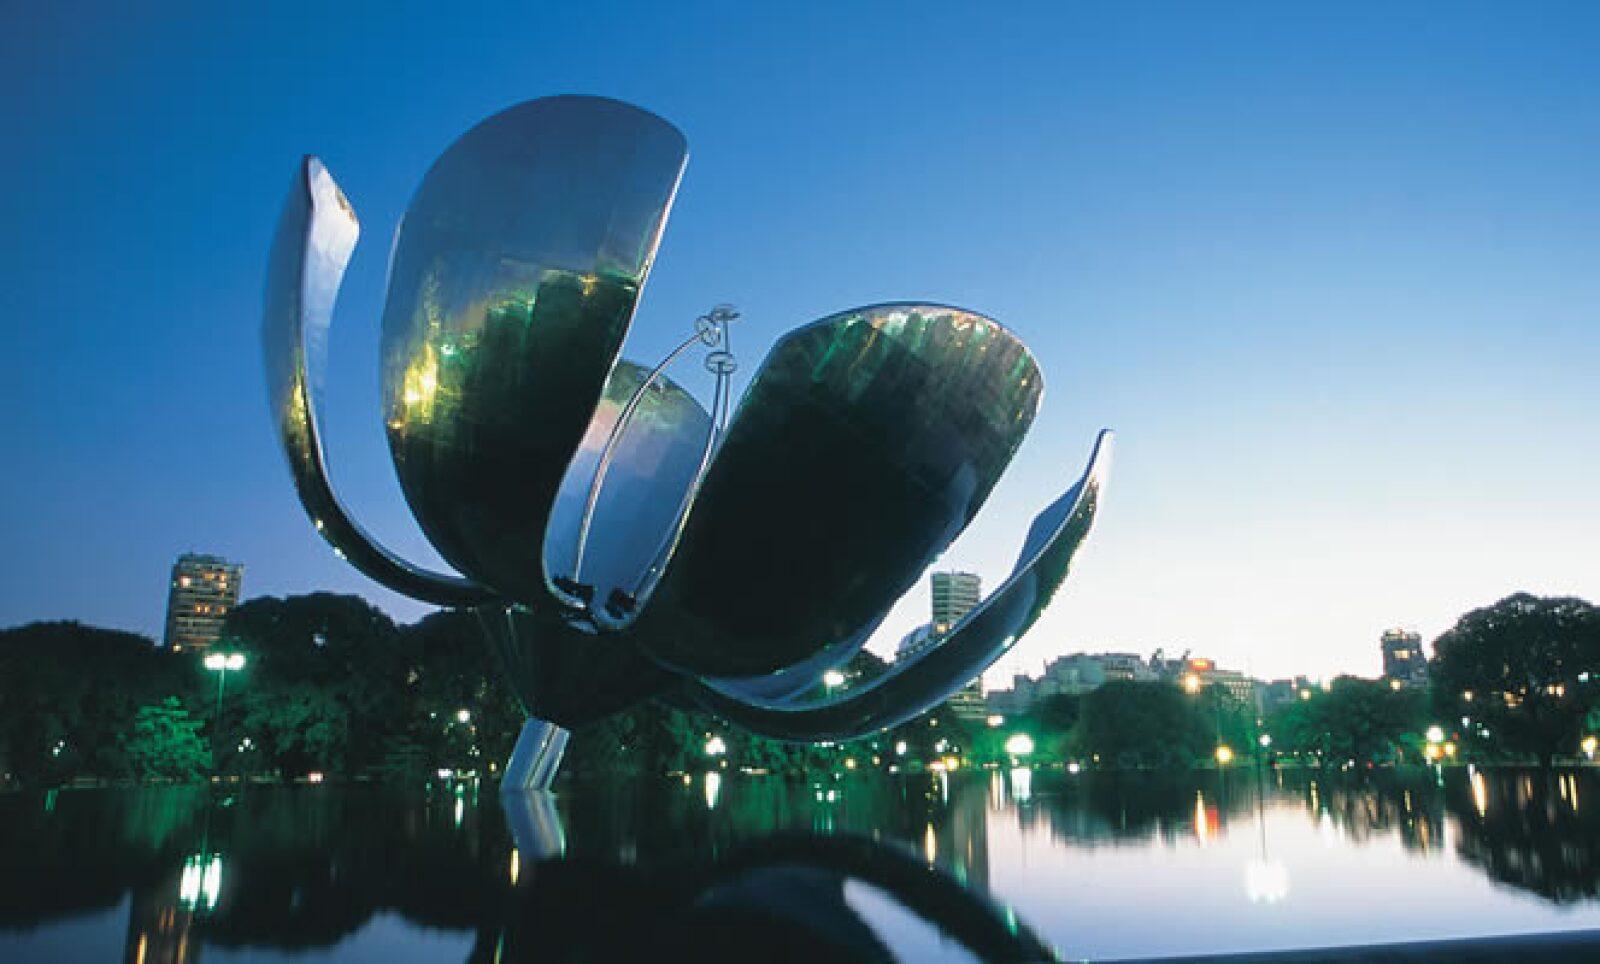 El arte vibra y se siente en esta ciudad. Como una prueba, esta pieza escultórica del arquitecto Eduardo Catalano. Ubicada en la Plaza de las Naciones Unidas, sus pétalos se mantienen abiertos sólo durante cuatro noches: 25 de mayo, 21 de septiembre, 24 y